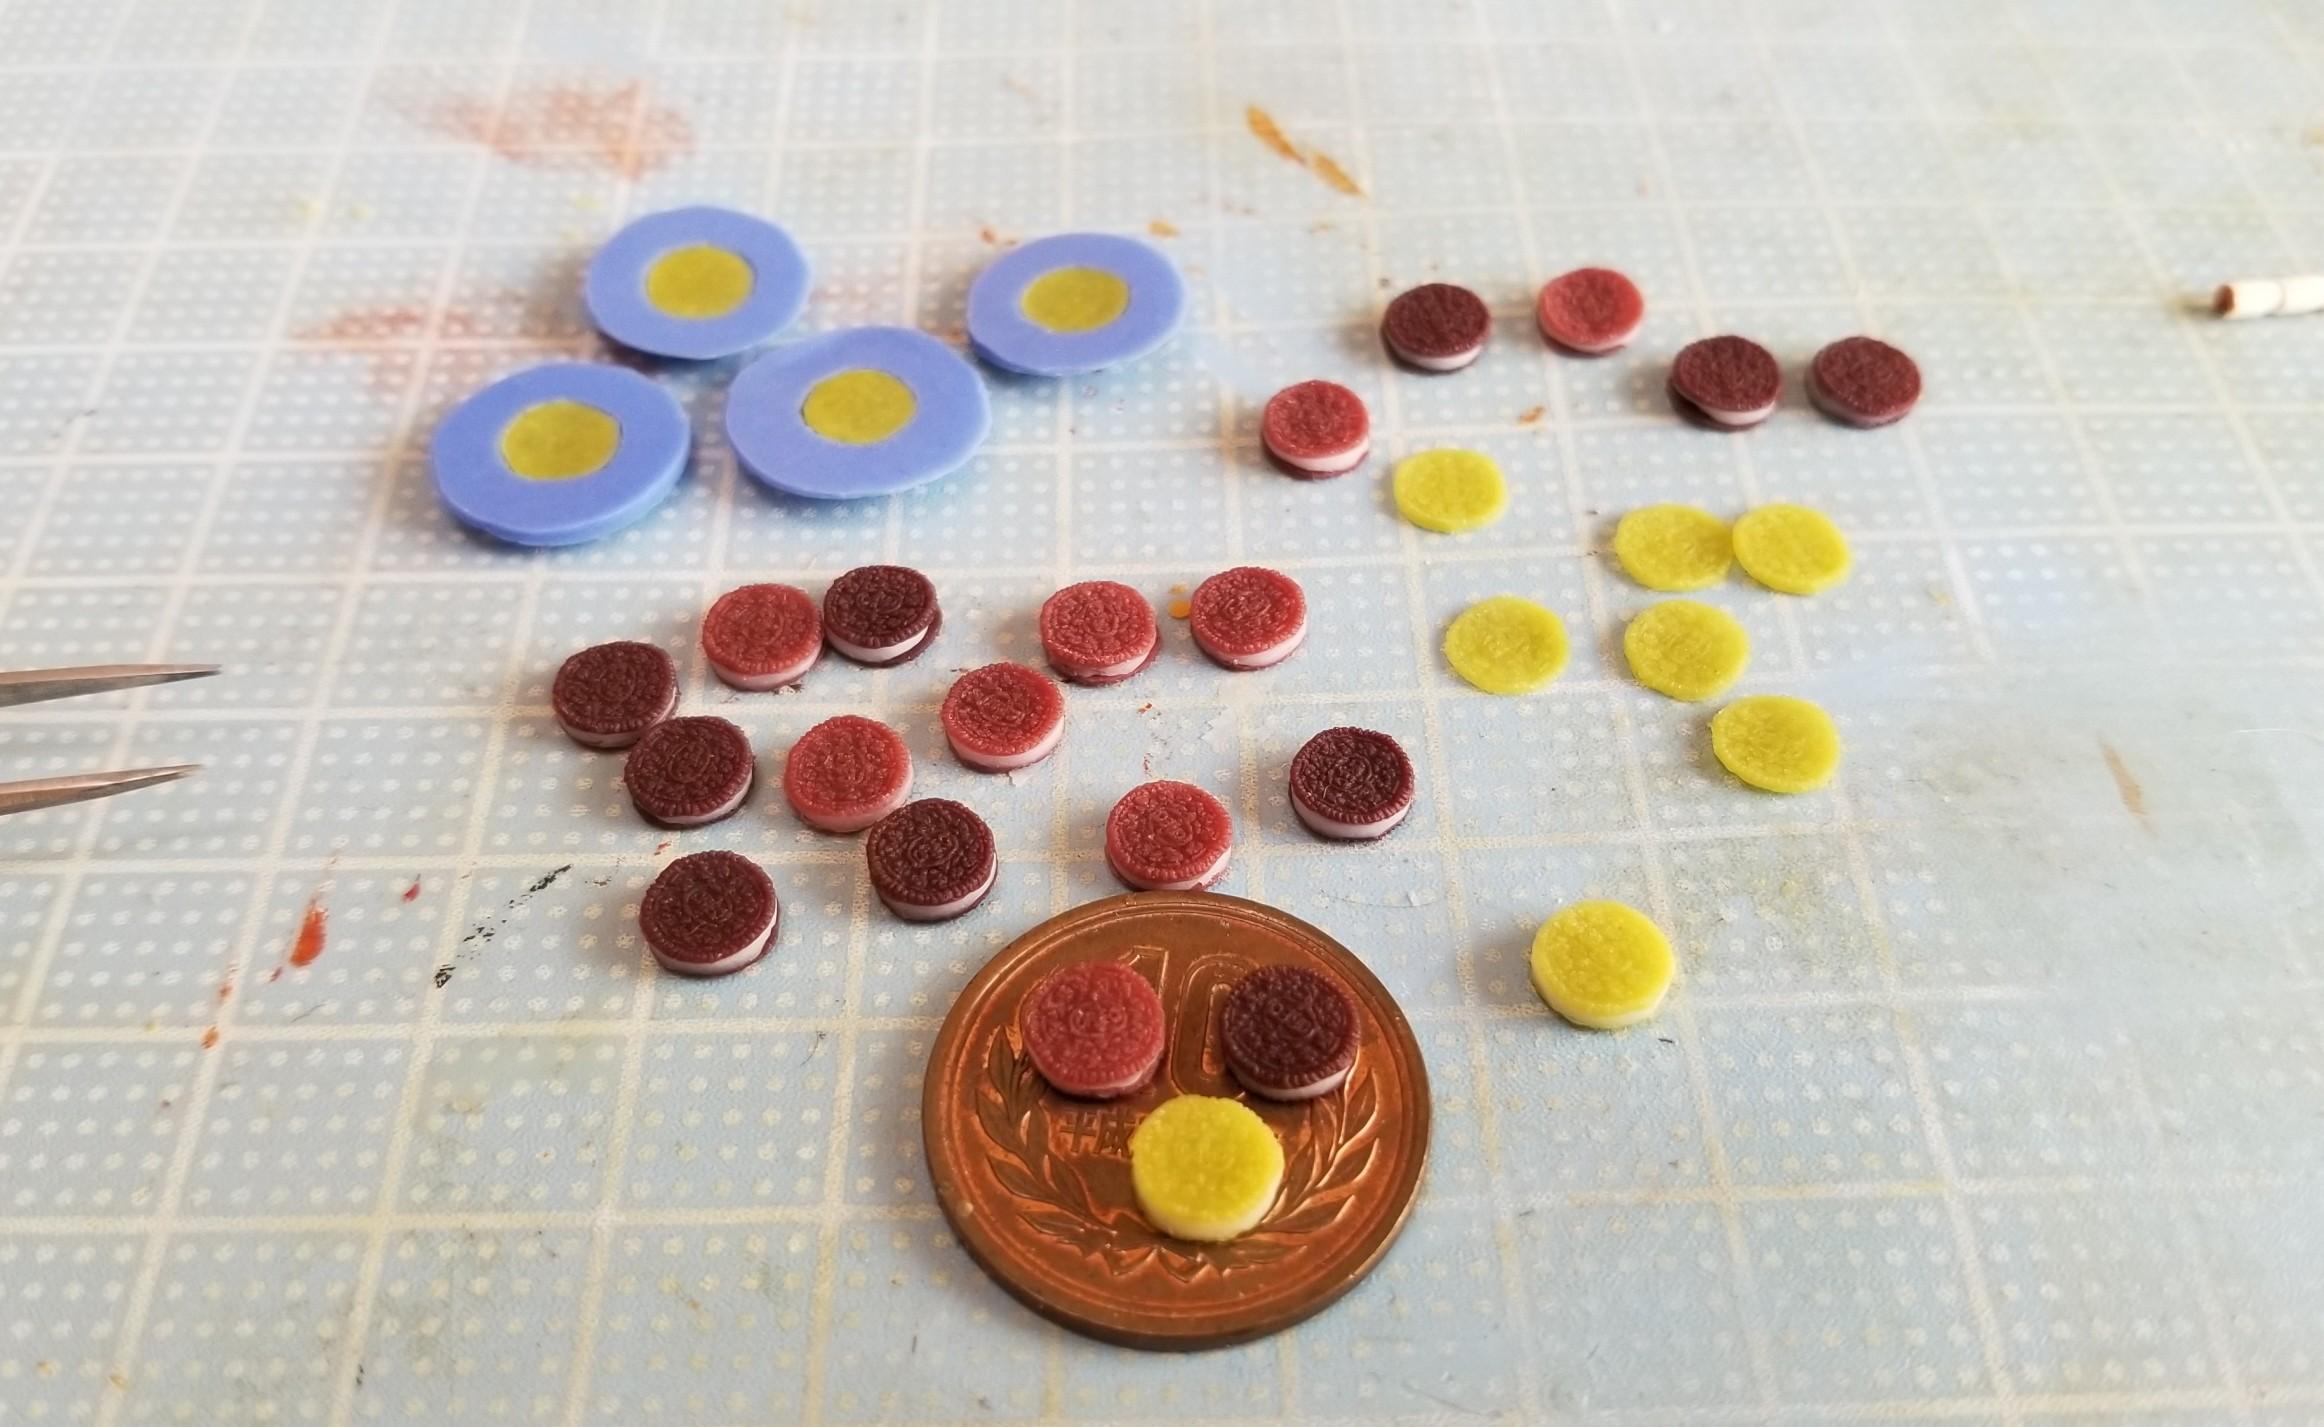 オレオ, ミニチュア, 樹脂粘土, ハンドメイド, 製作過程